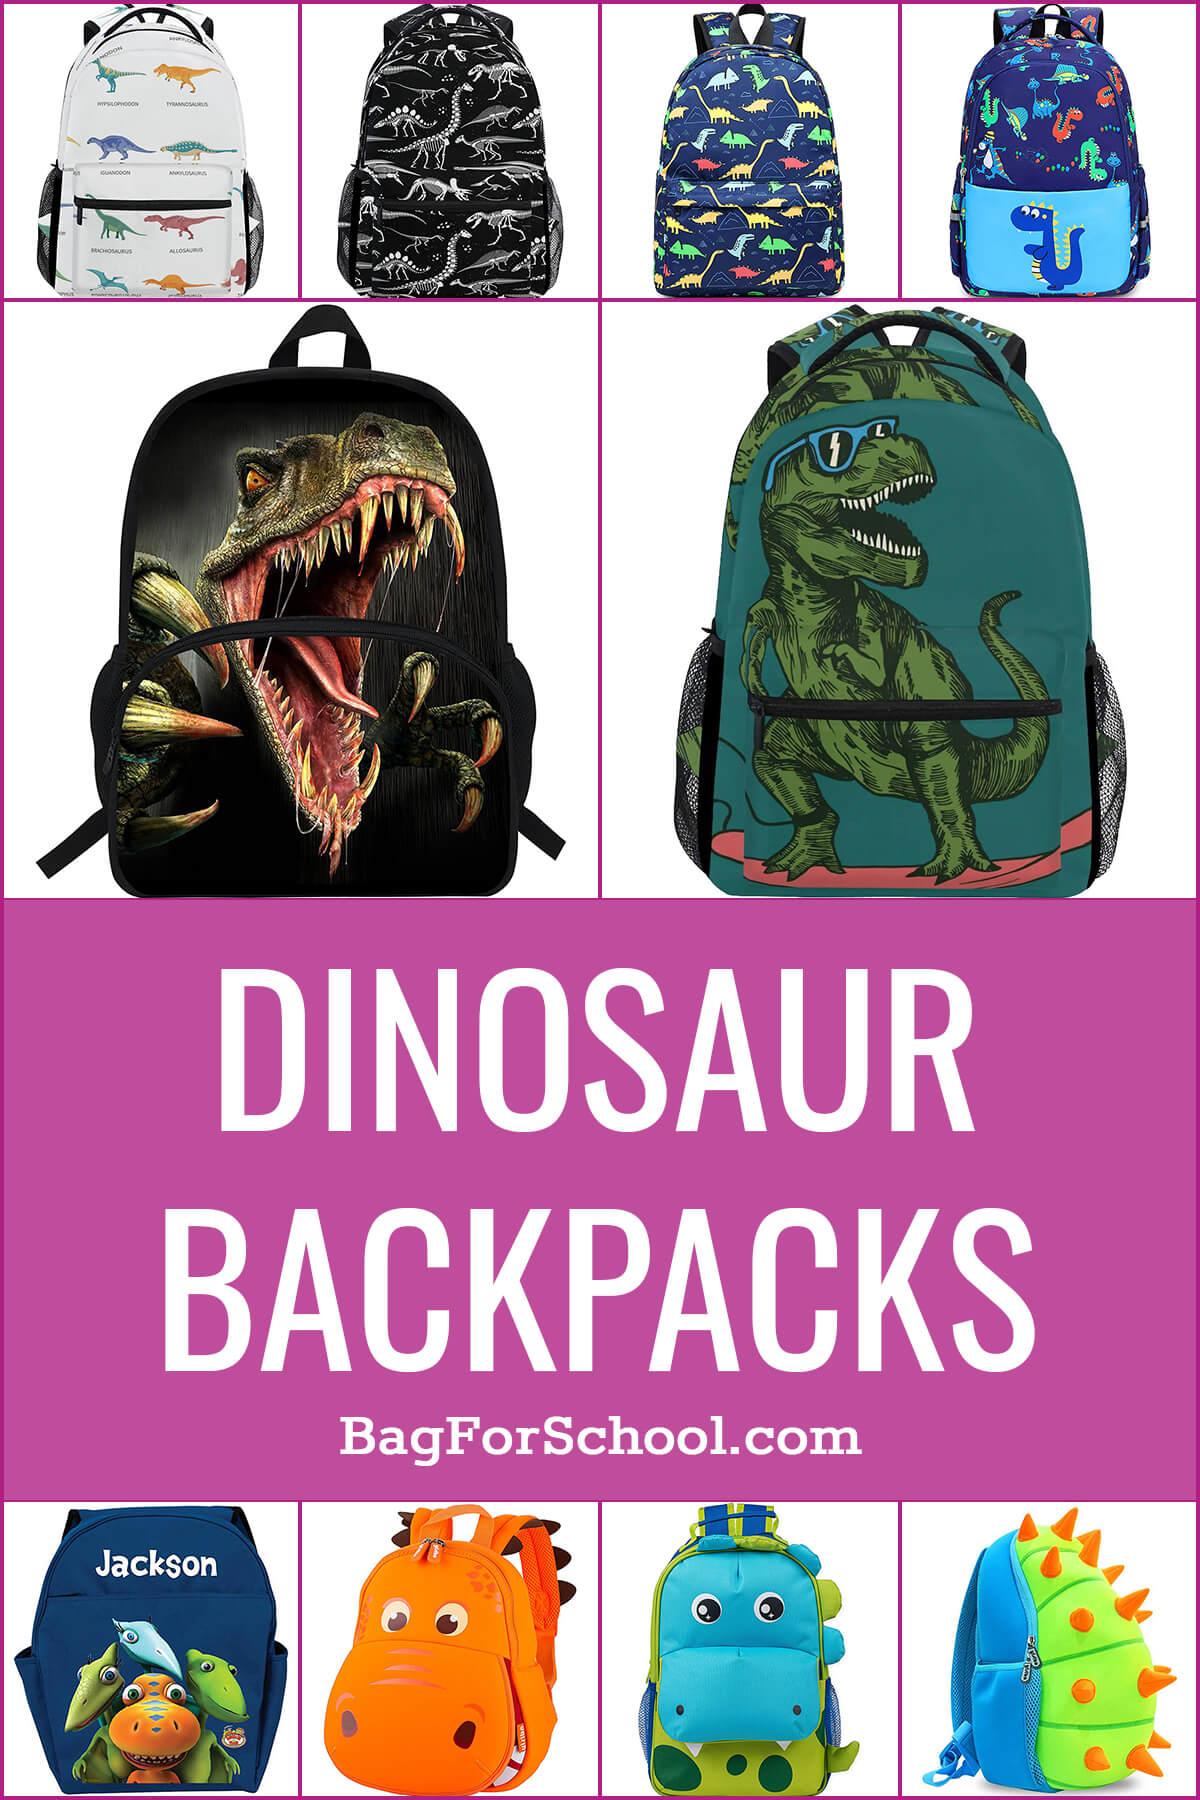 Dinosaur-Backpacks-info